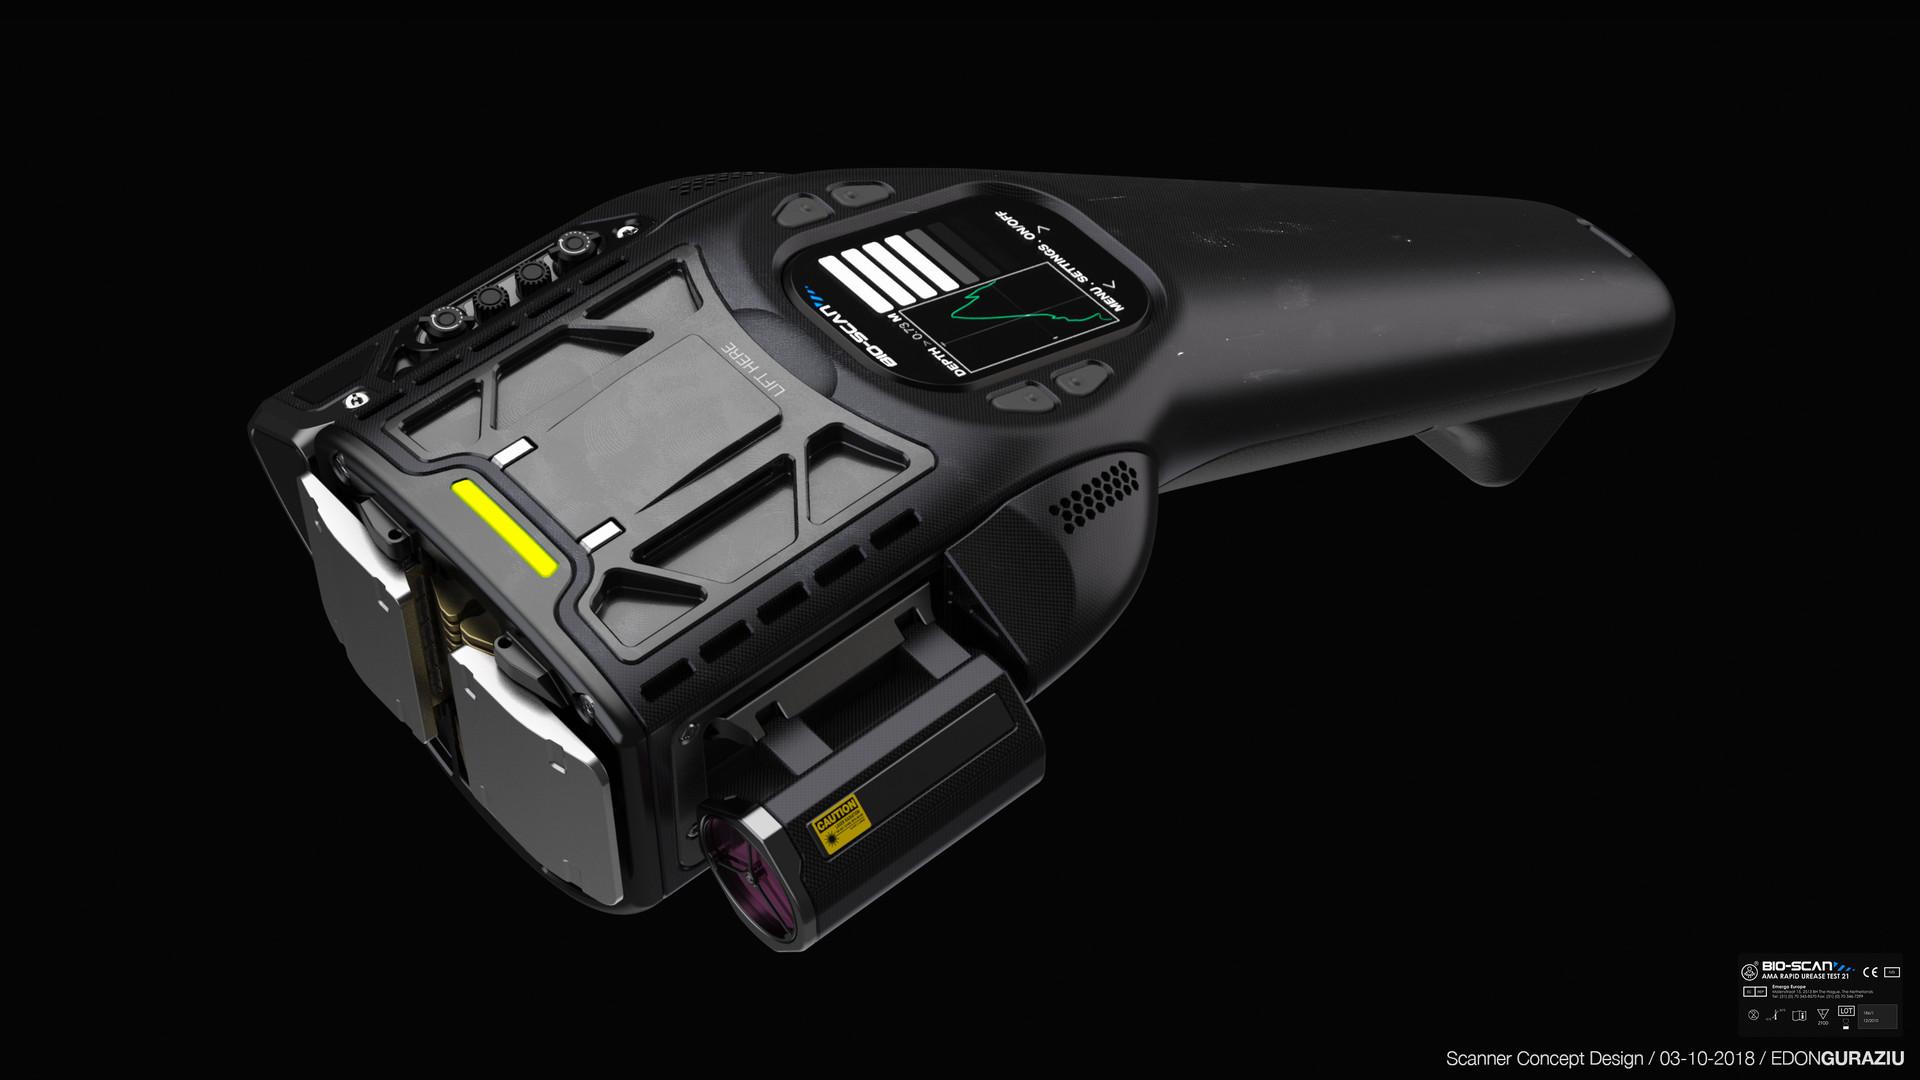 Edon guraziu scannerdesign 001